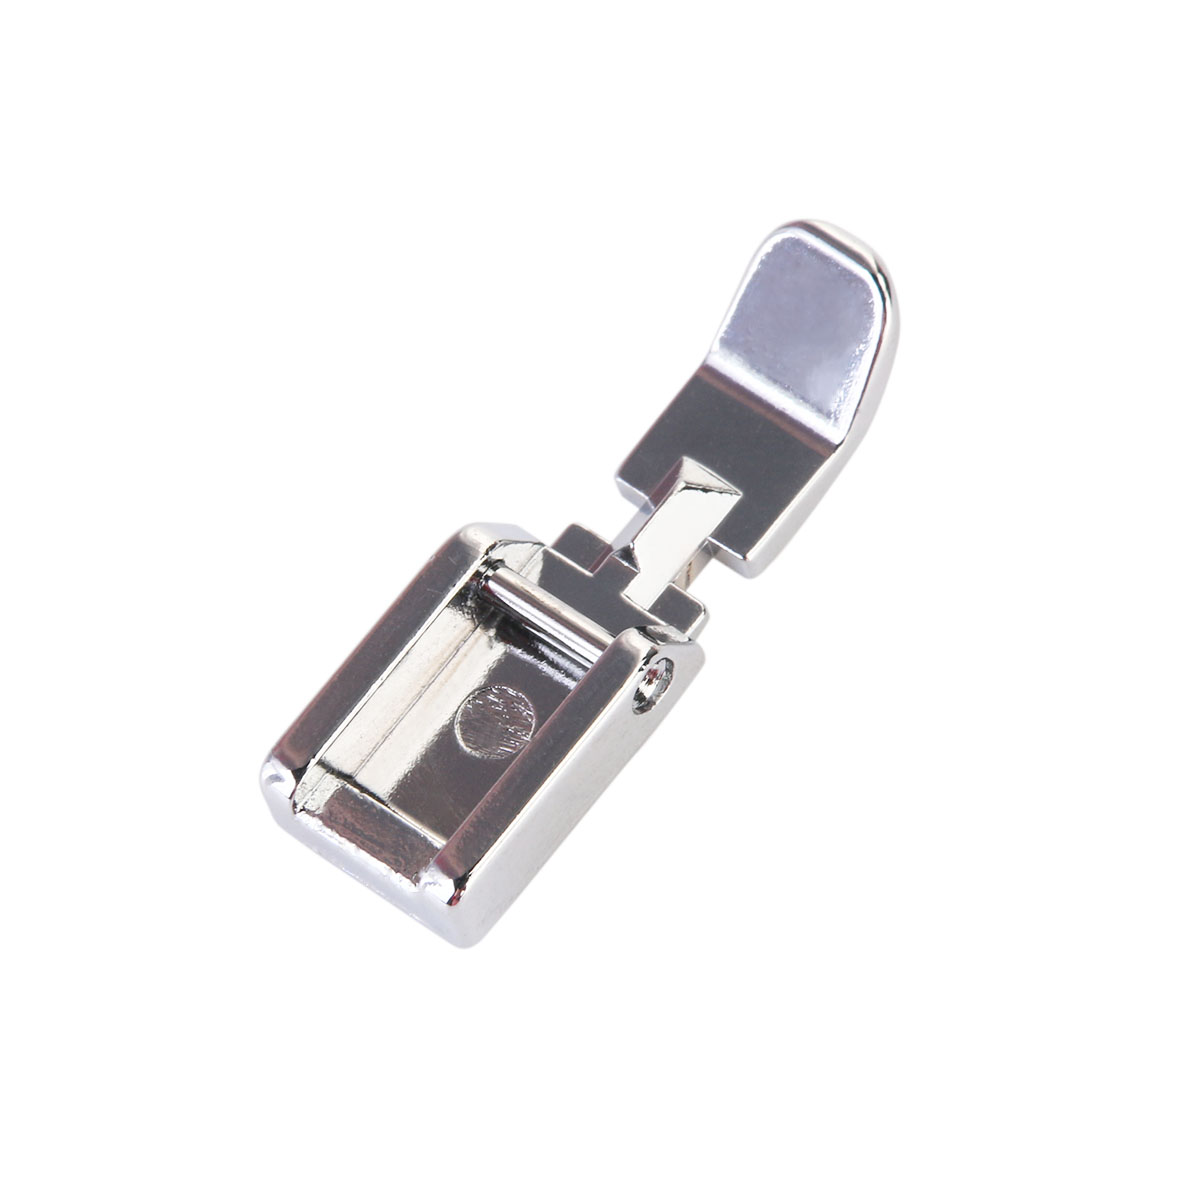 Швейные инструменты, прочная узкая прижимная лапка на молнии с зажимом для вязальной машины Brother / Singer / Janome / Butterfly / Feiyue